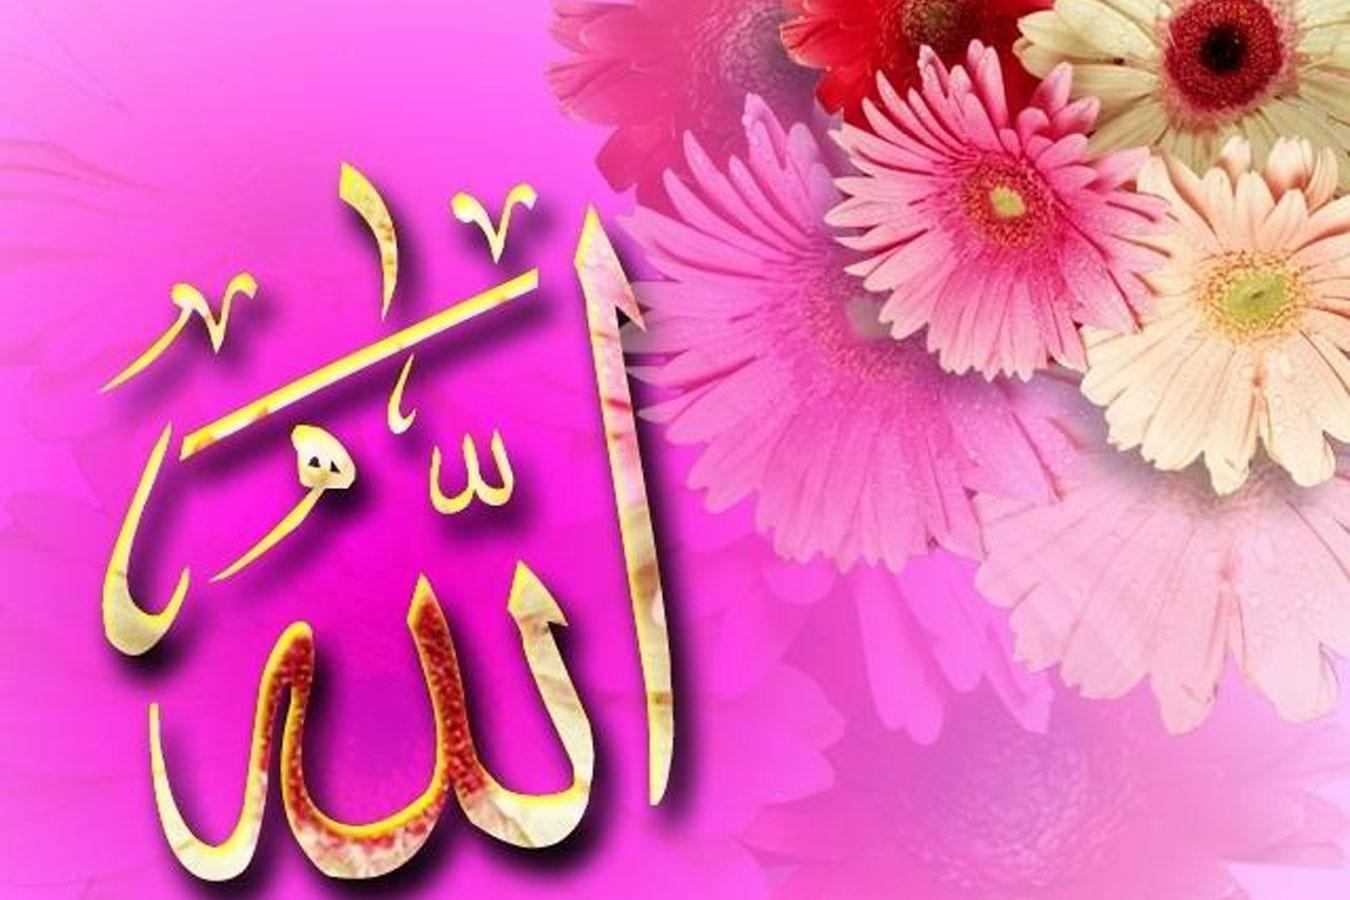 С днем рождения картинки ислам